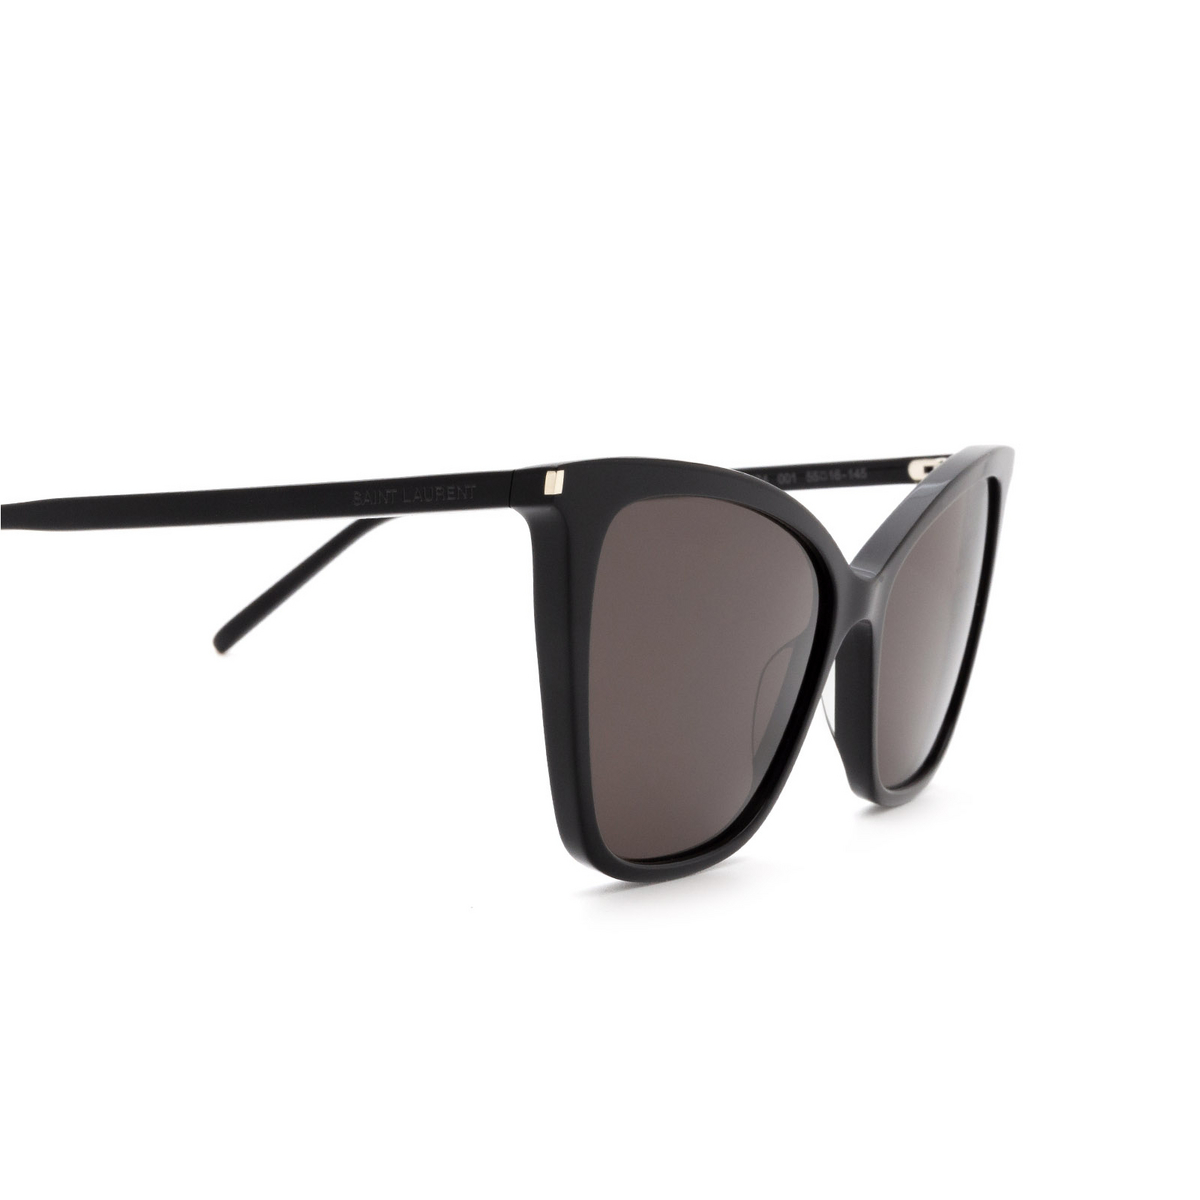 Saint Laurent® Cat-eye Sunglasses: SL 384 color Black 001 - 3/3.